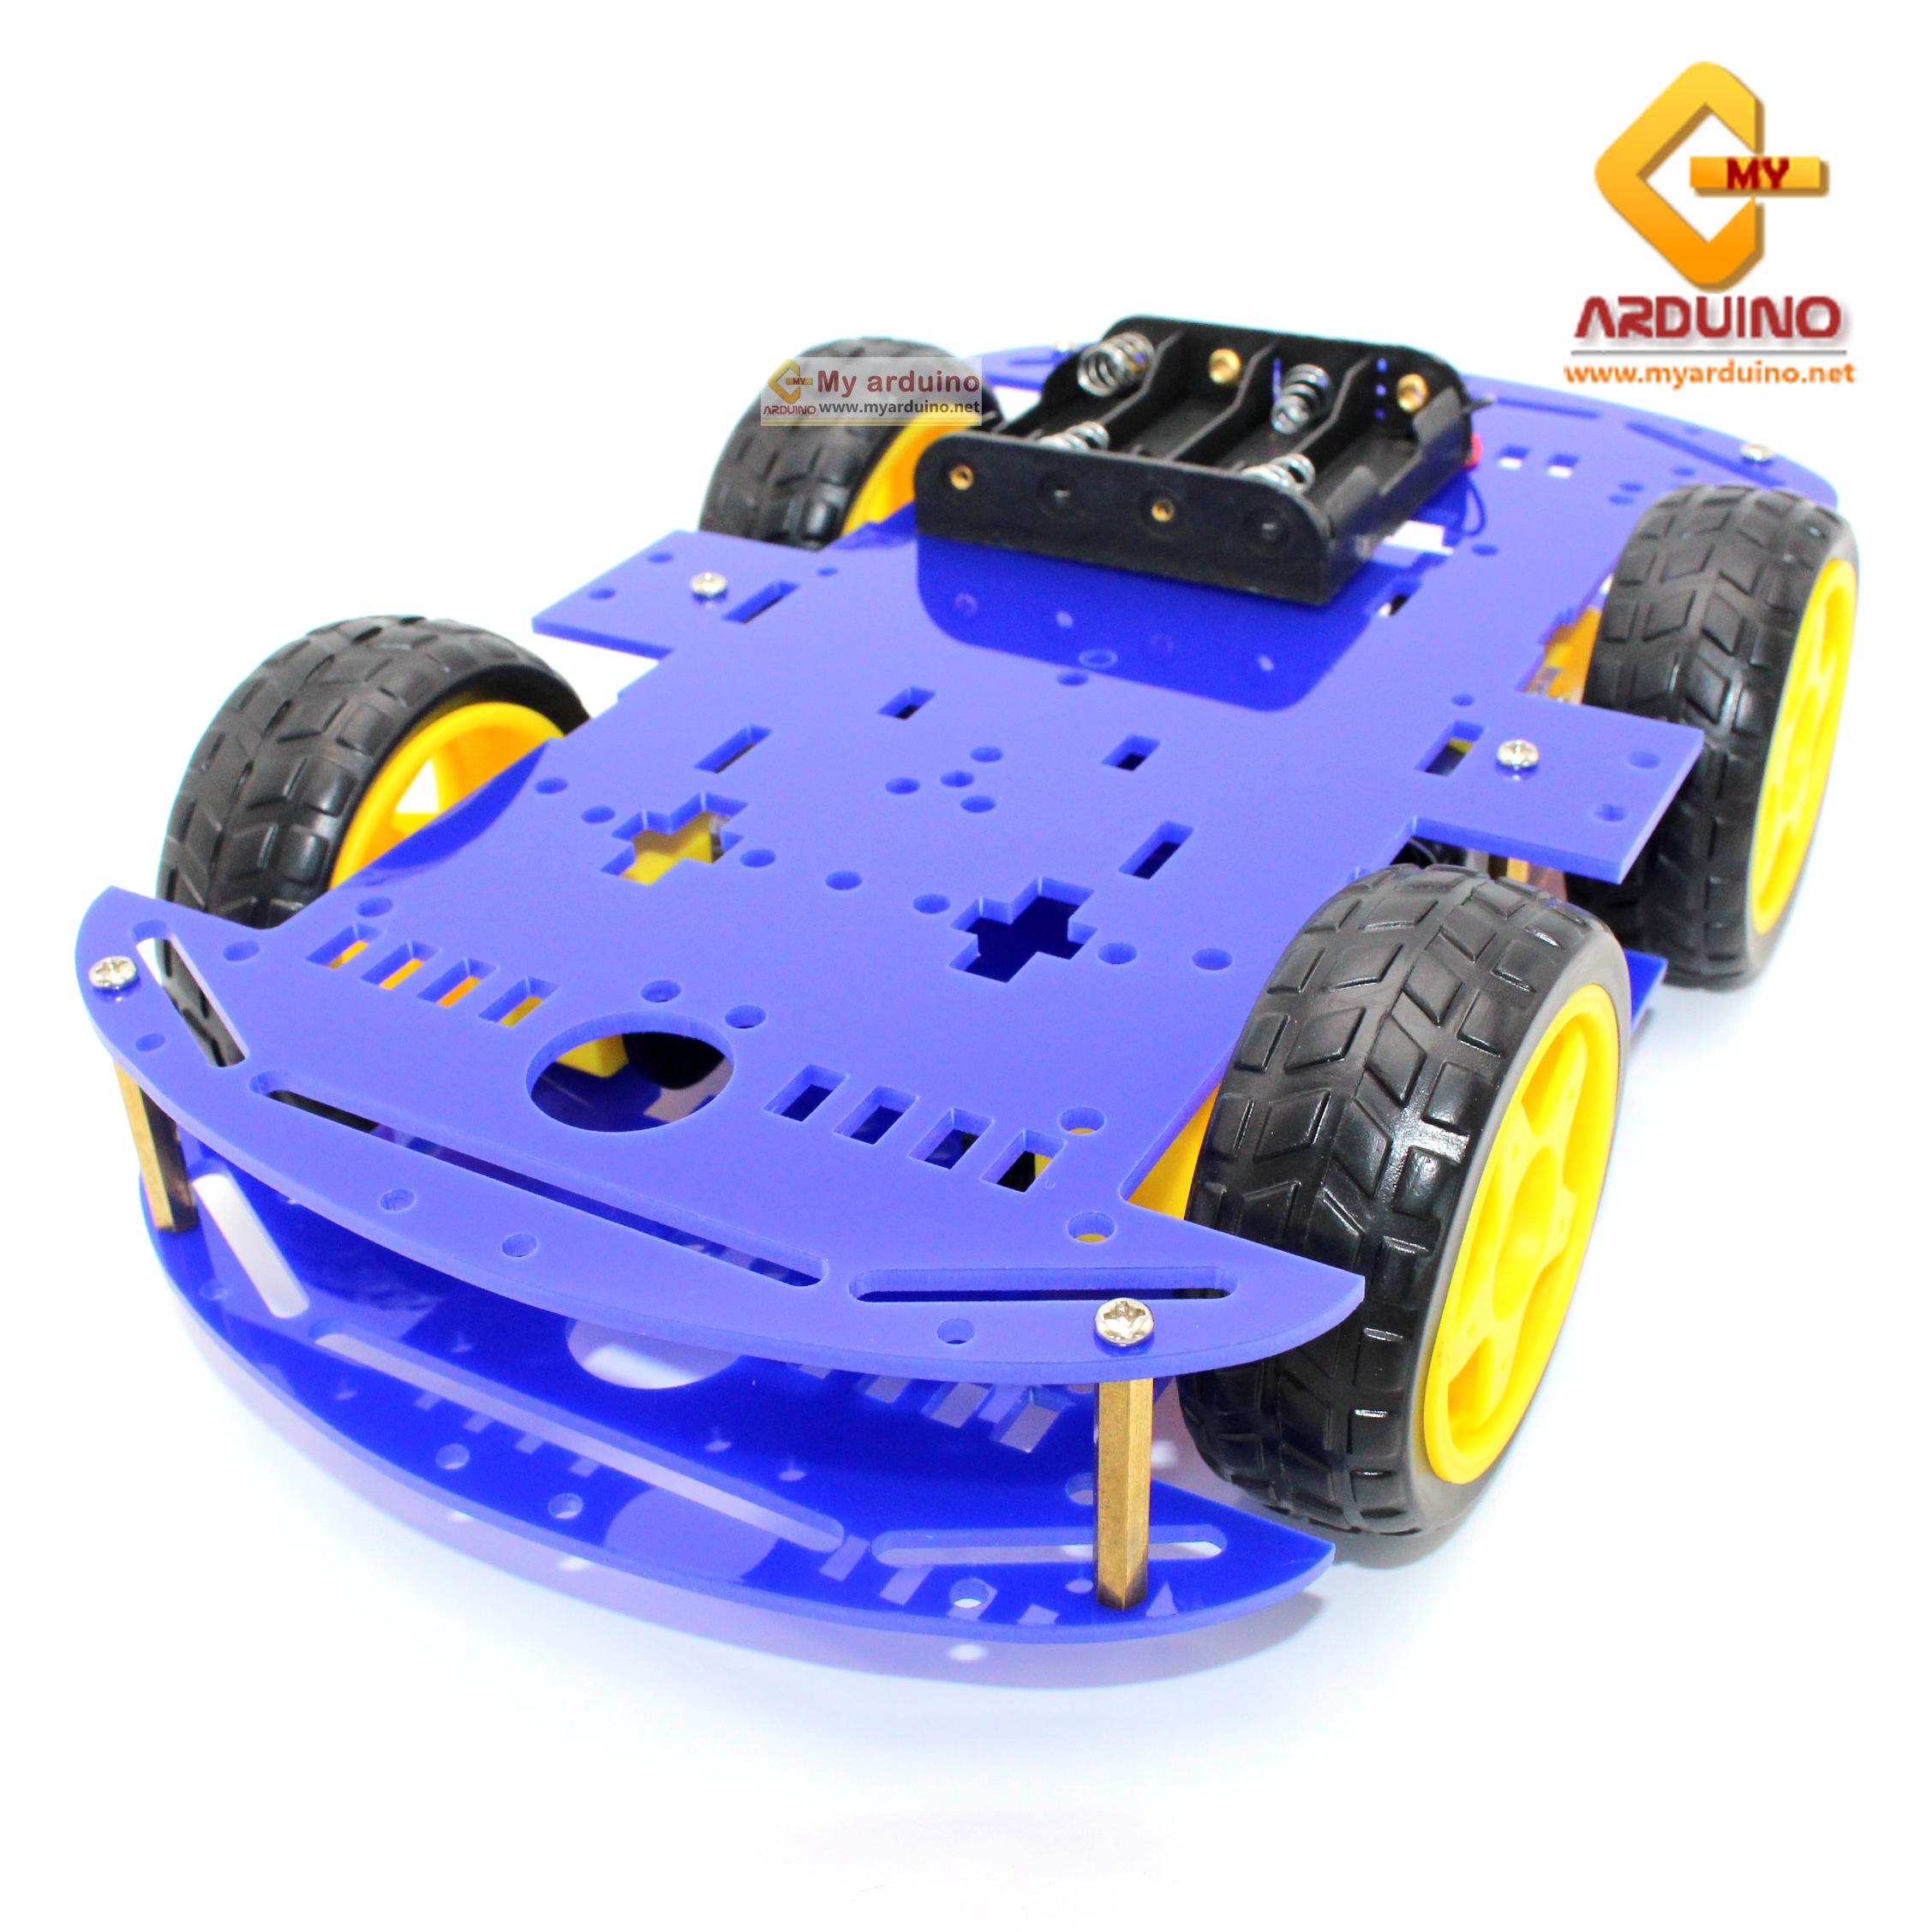 โครงรถ หุ่นยนต์ 4WD สีน้ำเงิน smart car chassis